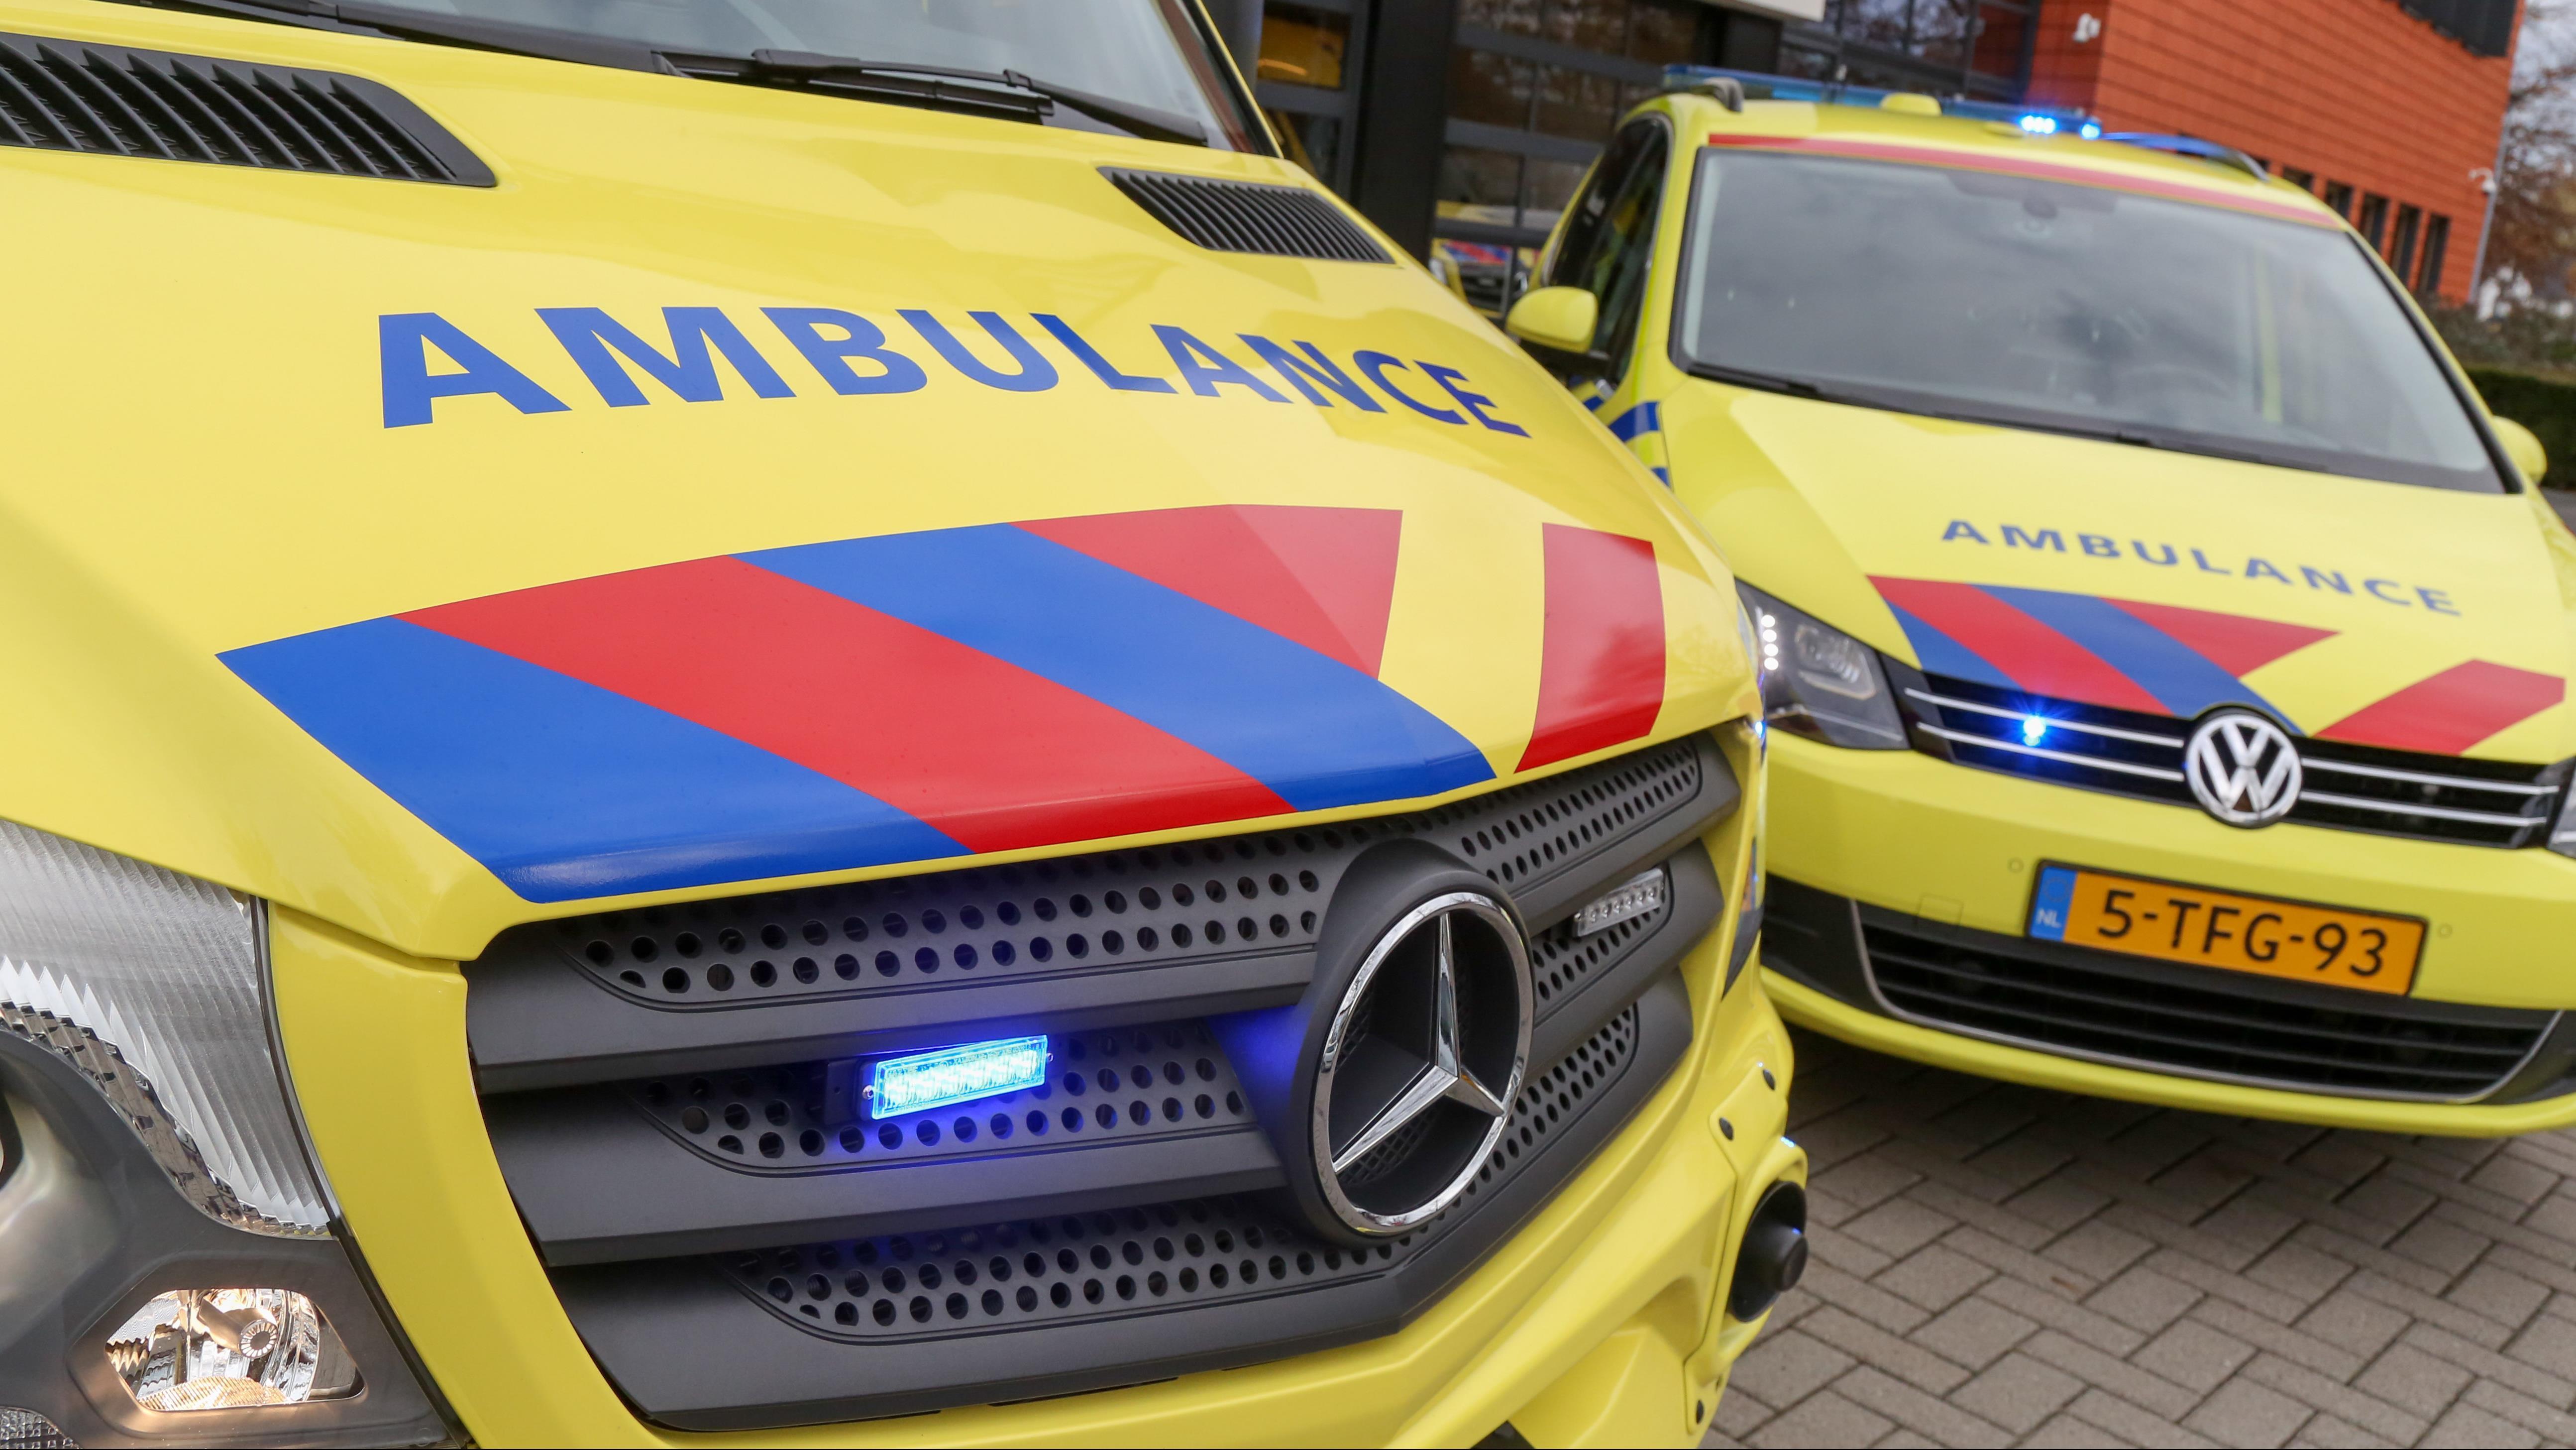 Fietser naar ziekenhuis na aanrijding in Deventer.